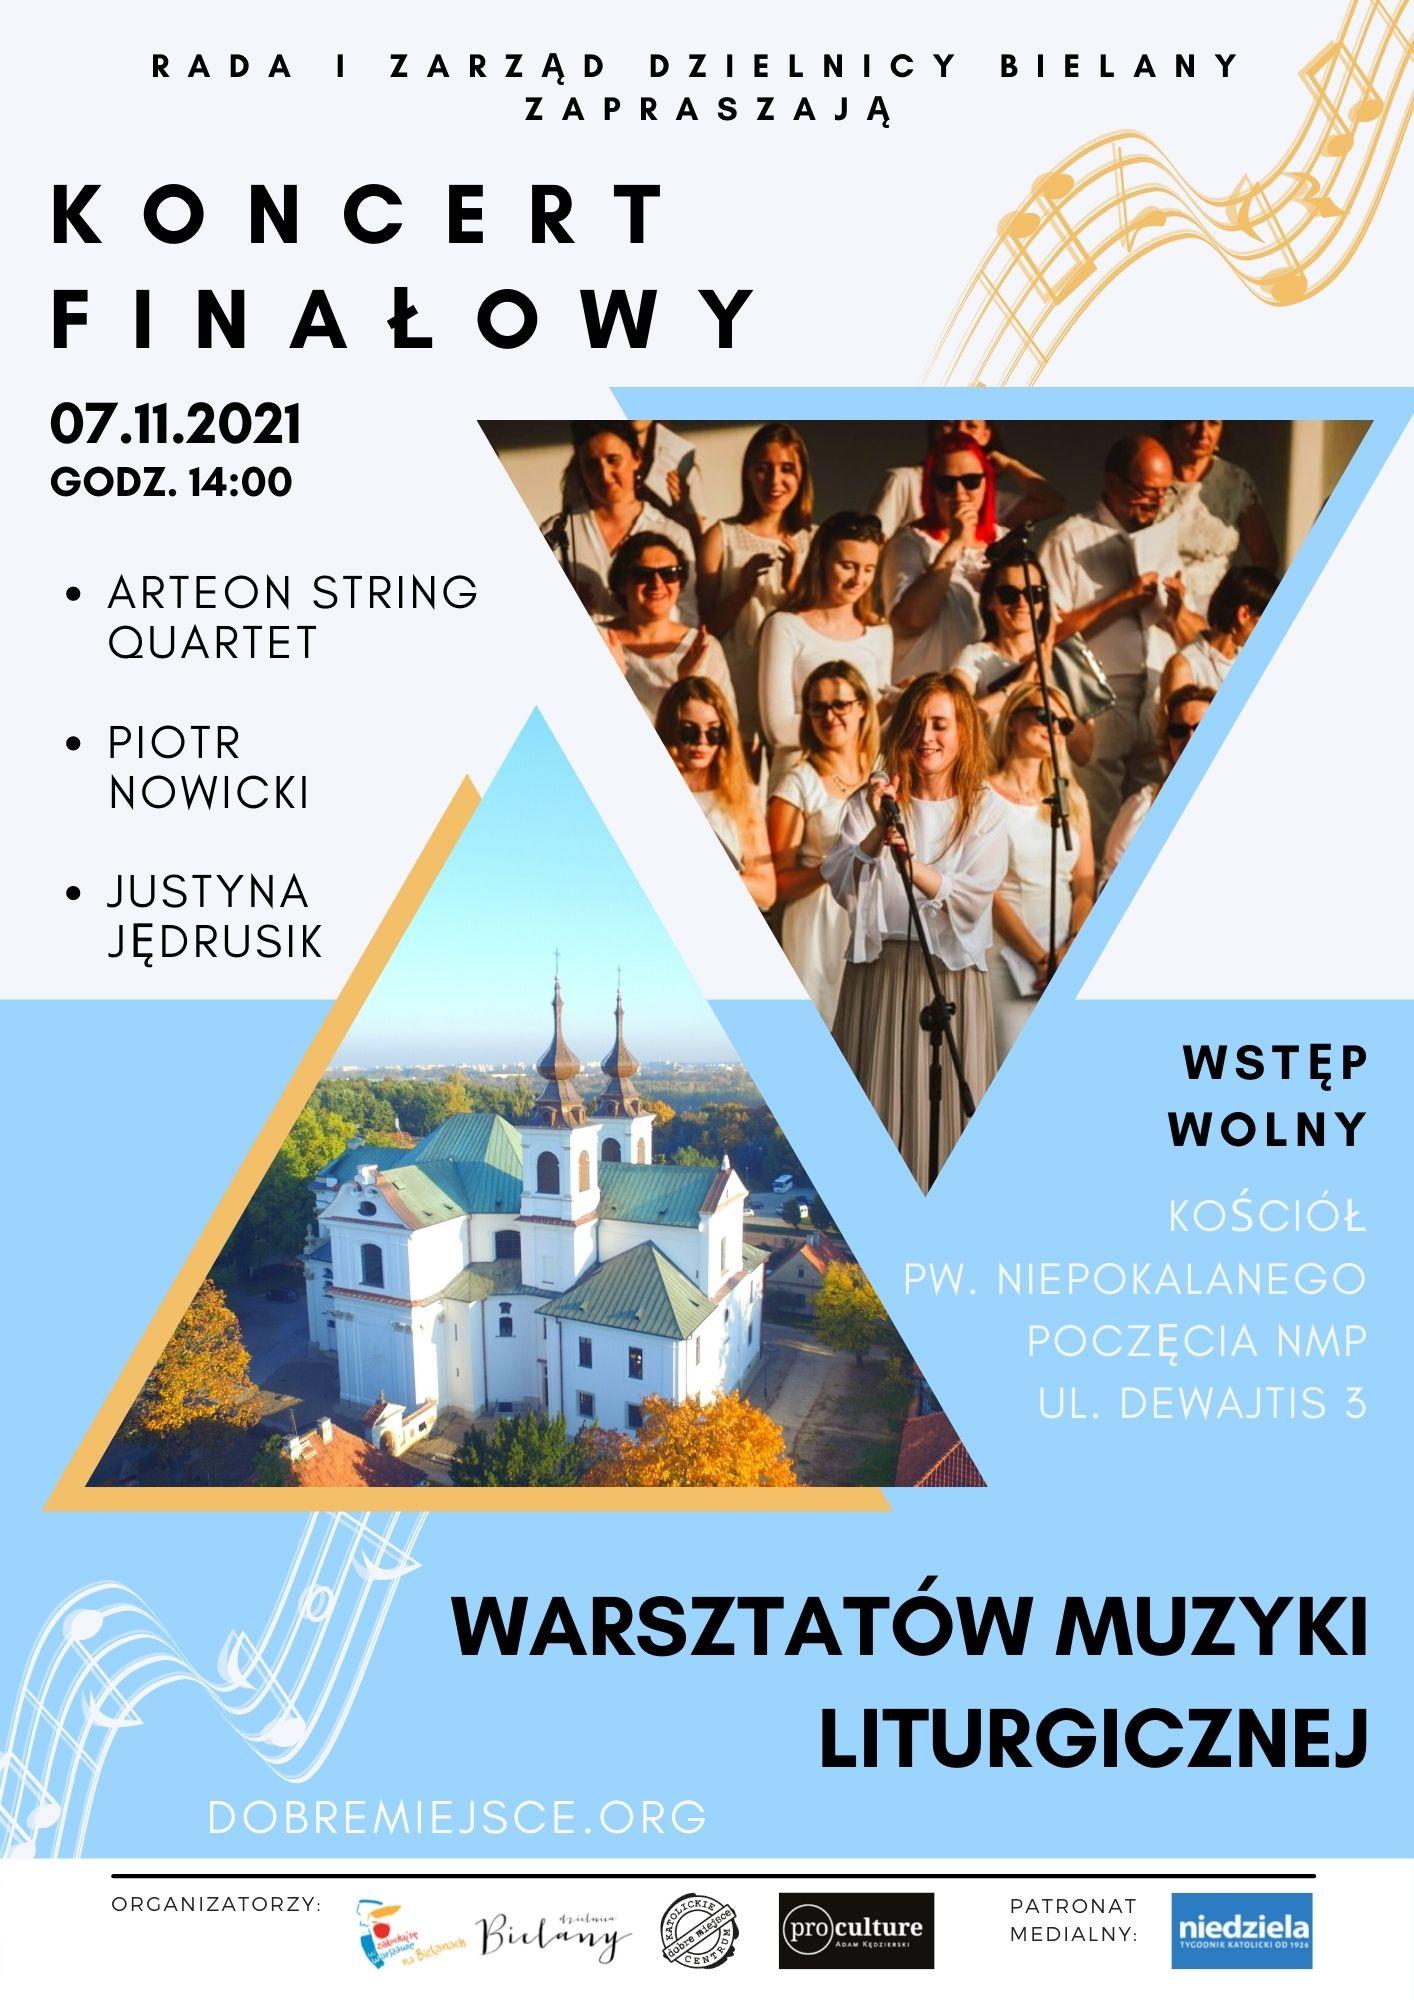 warsztaty_muzyki_liturgicznej_2021_koncert